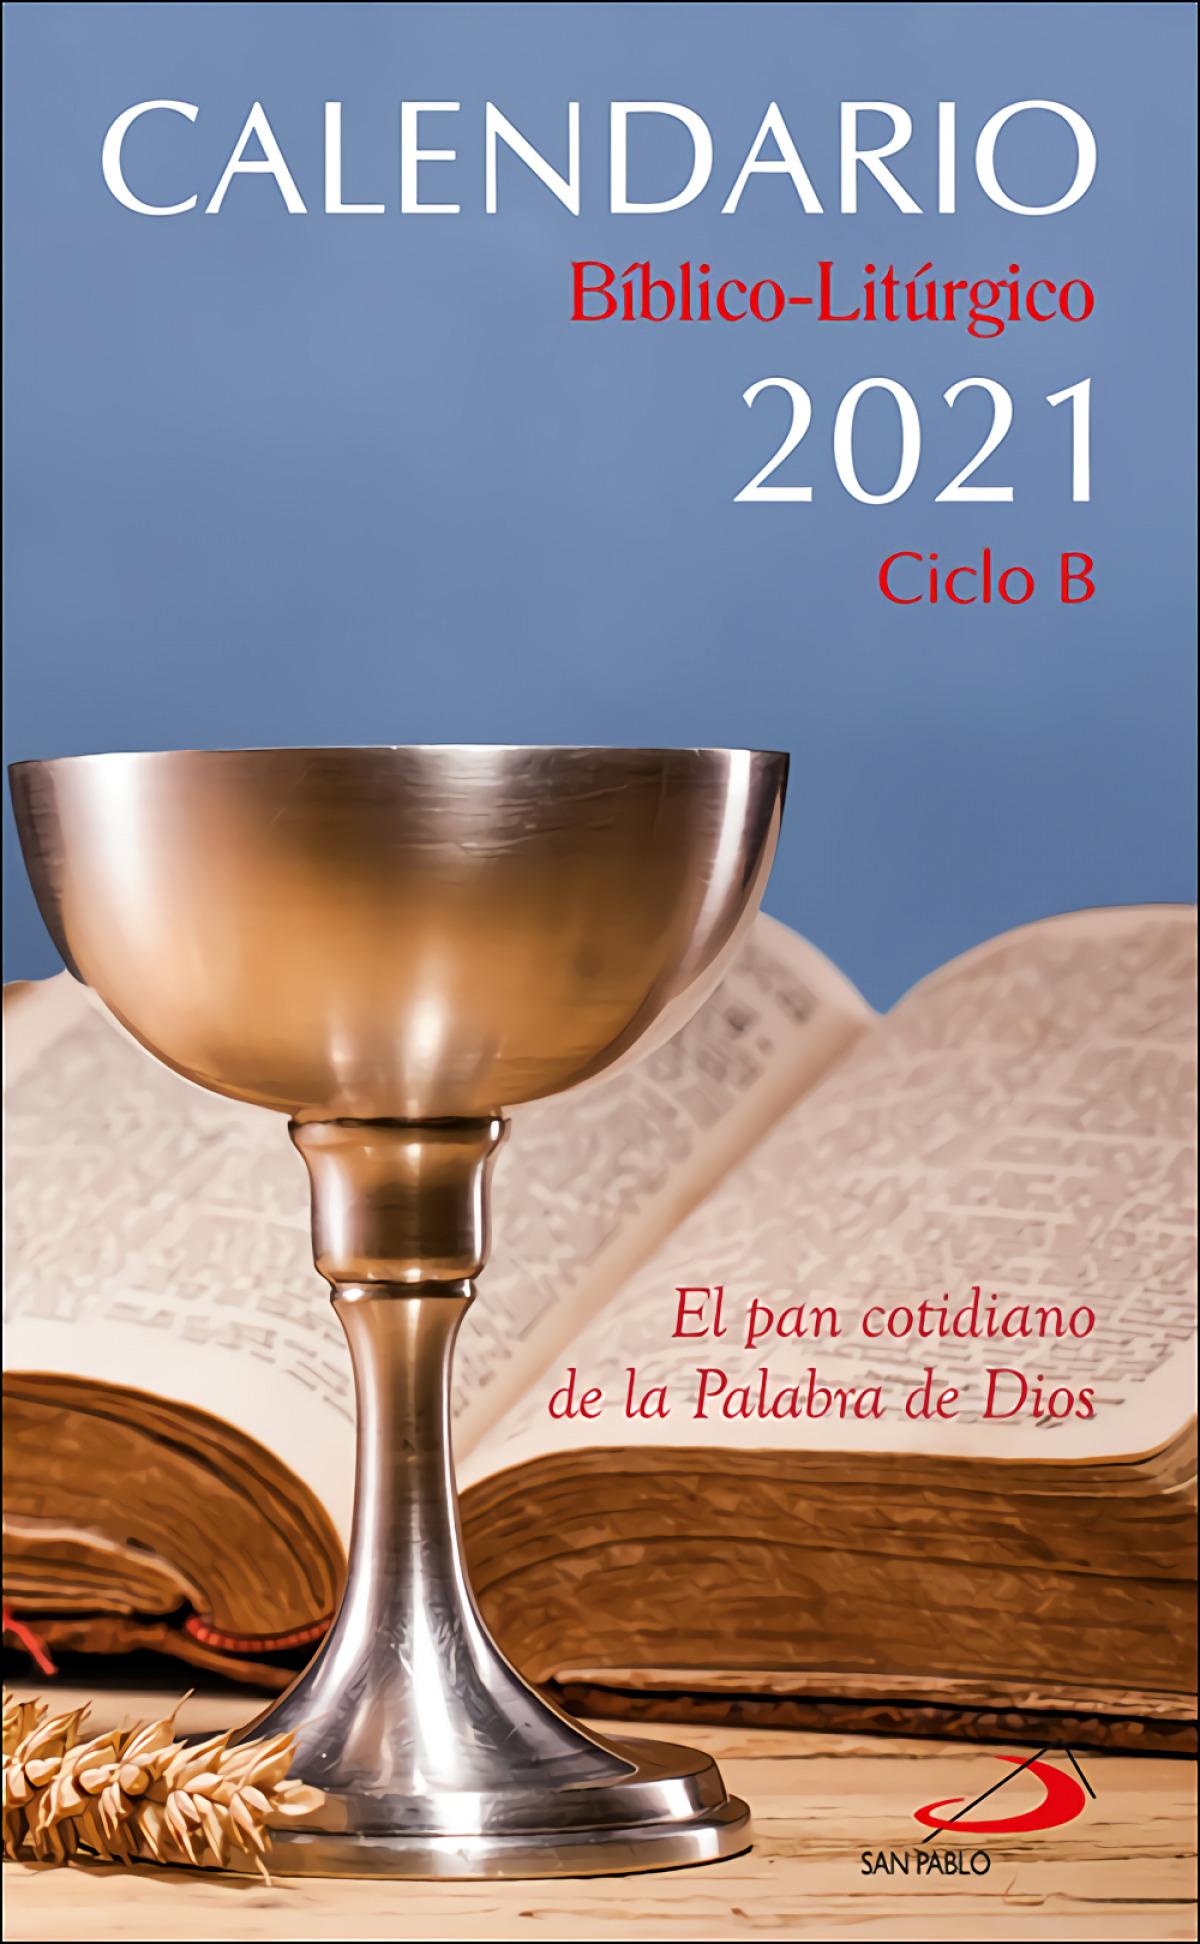 Calendario bíblico-litúrgico 2021 - Ciclo B